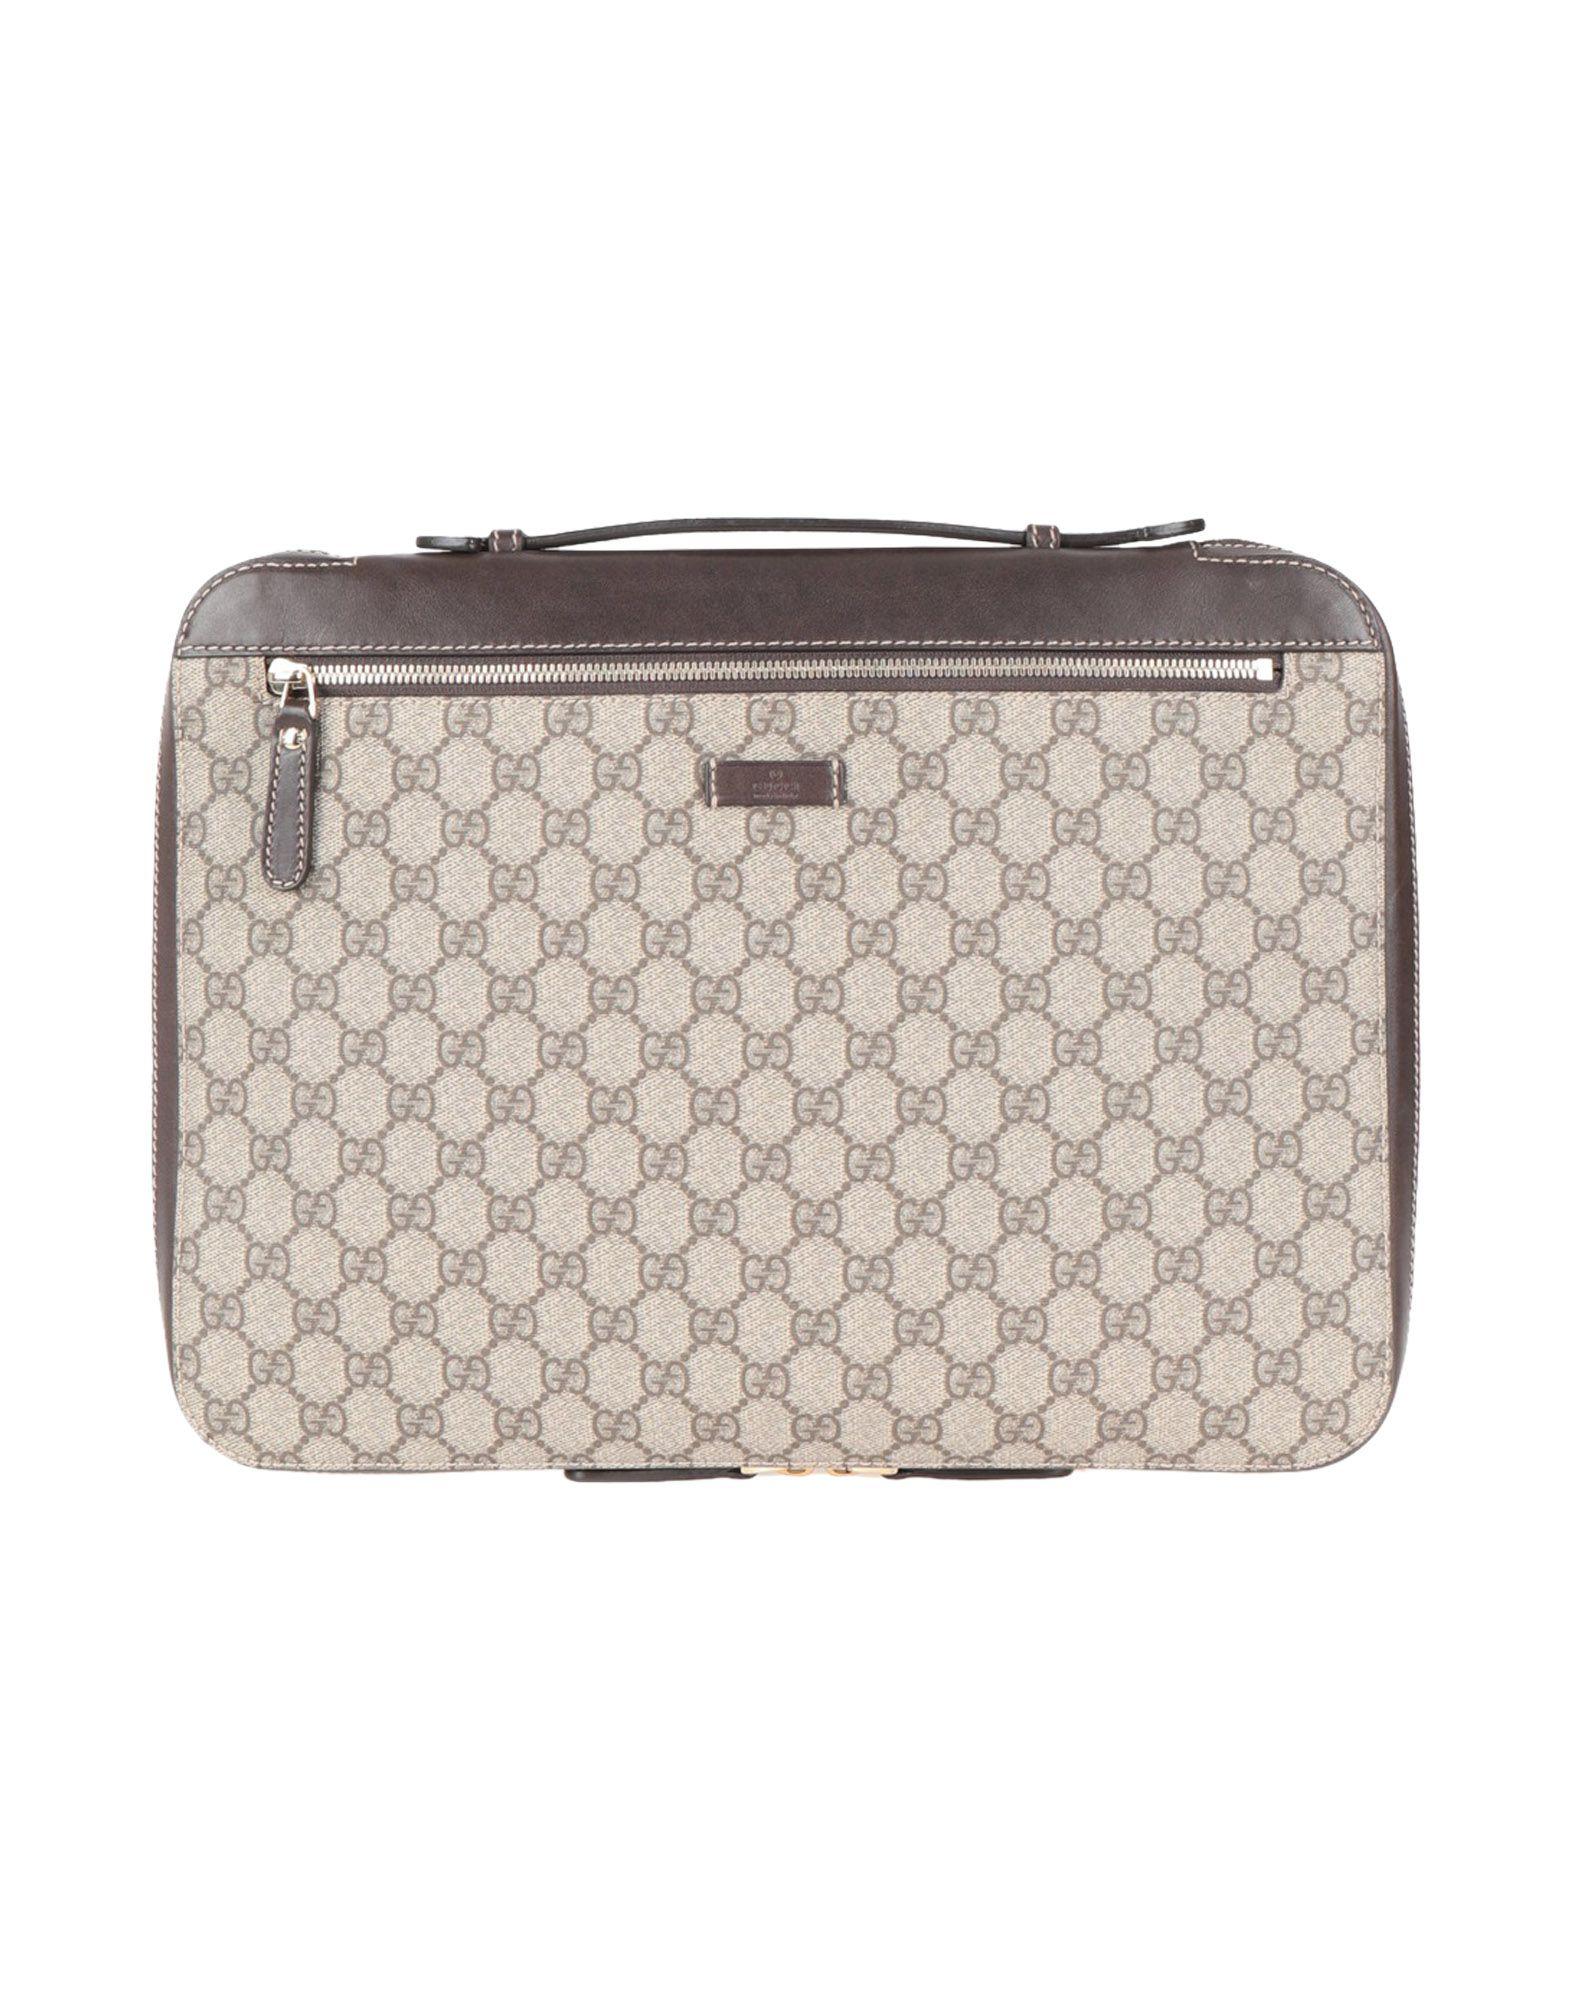 Женские сумки Gucci купить в интернет магазине - официальный сайт ... c15068e93bd